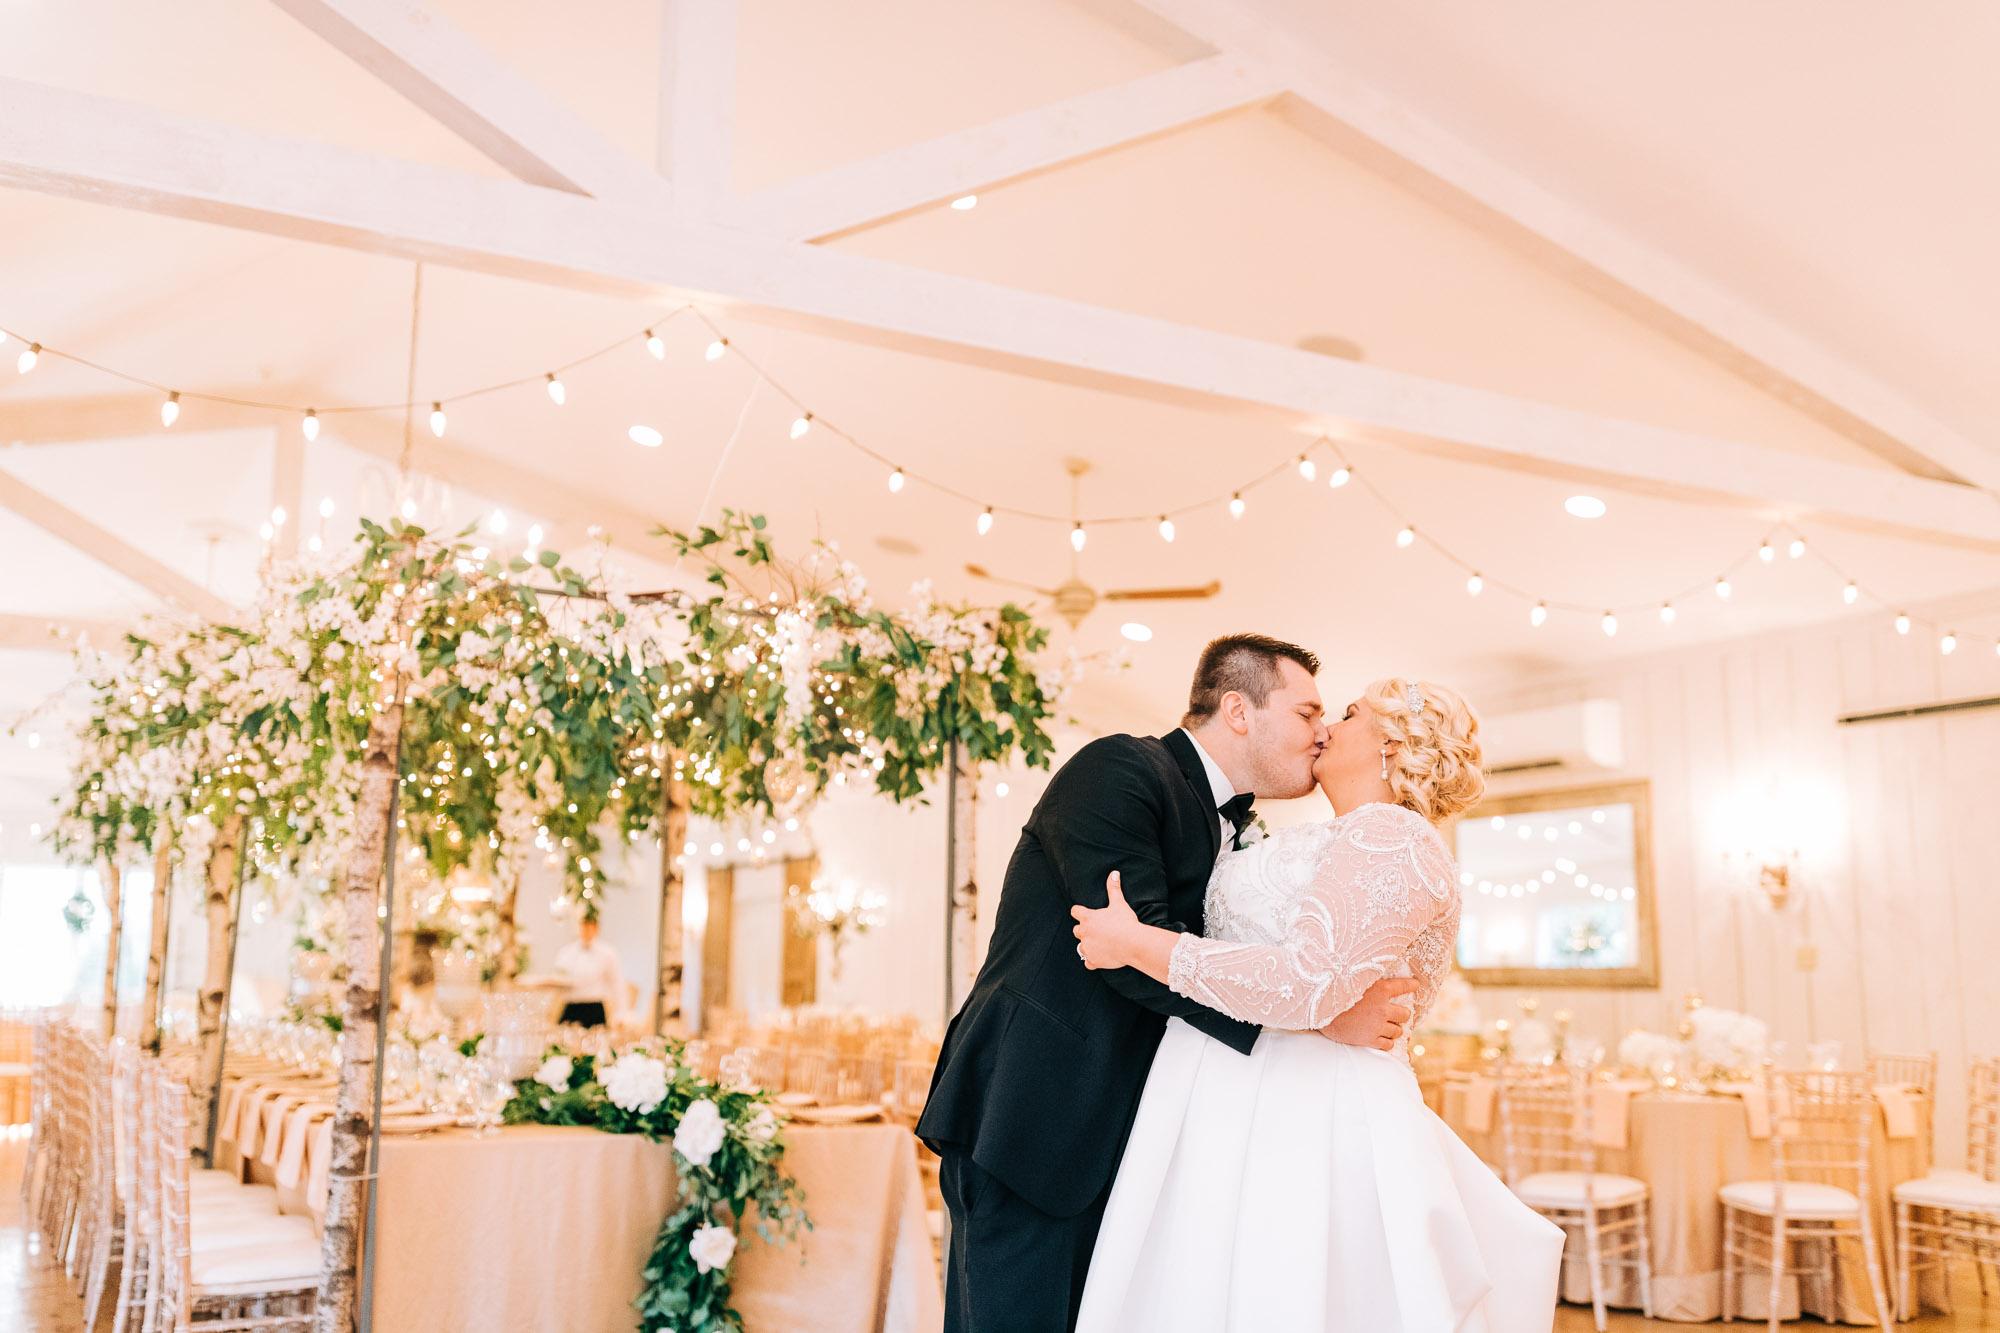 whitewoods-october-wedding-sk-0228.jpg